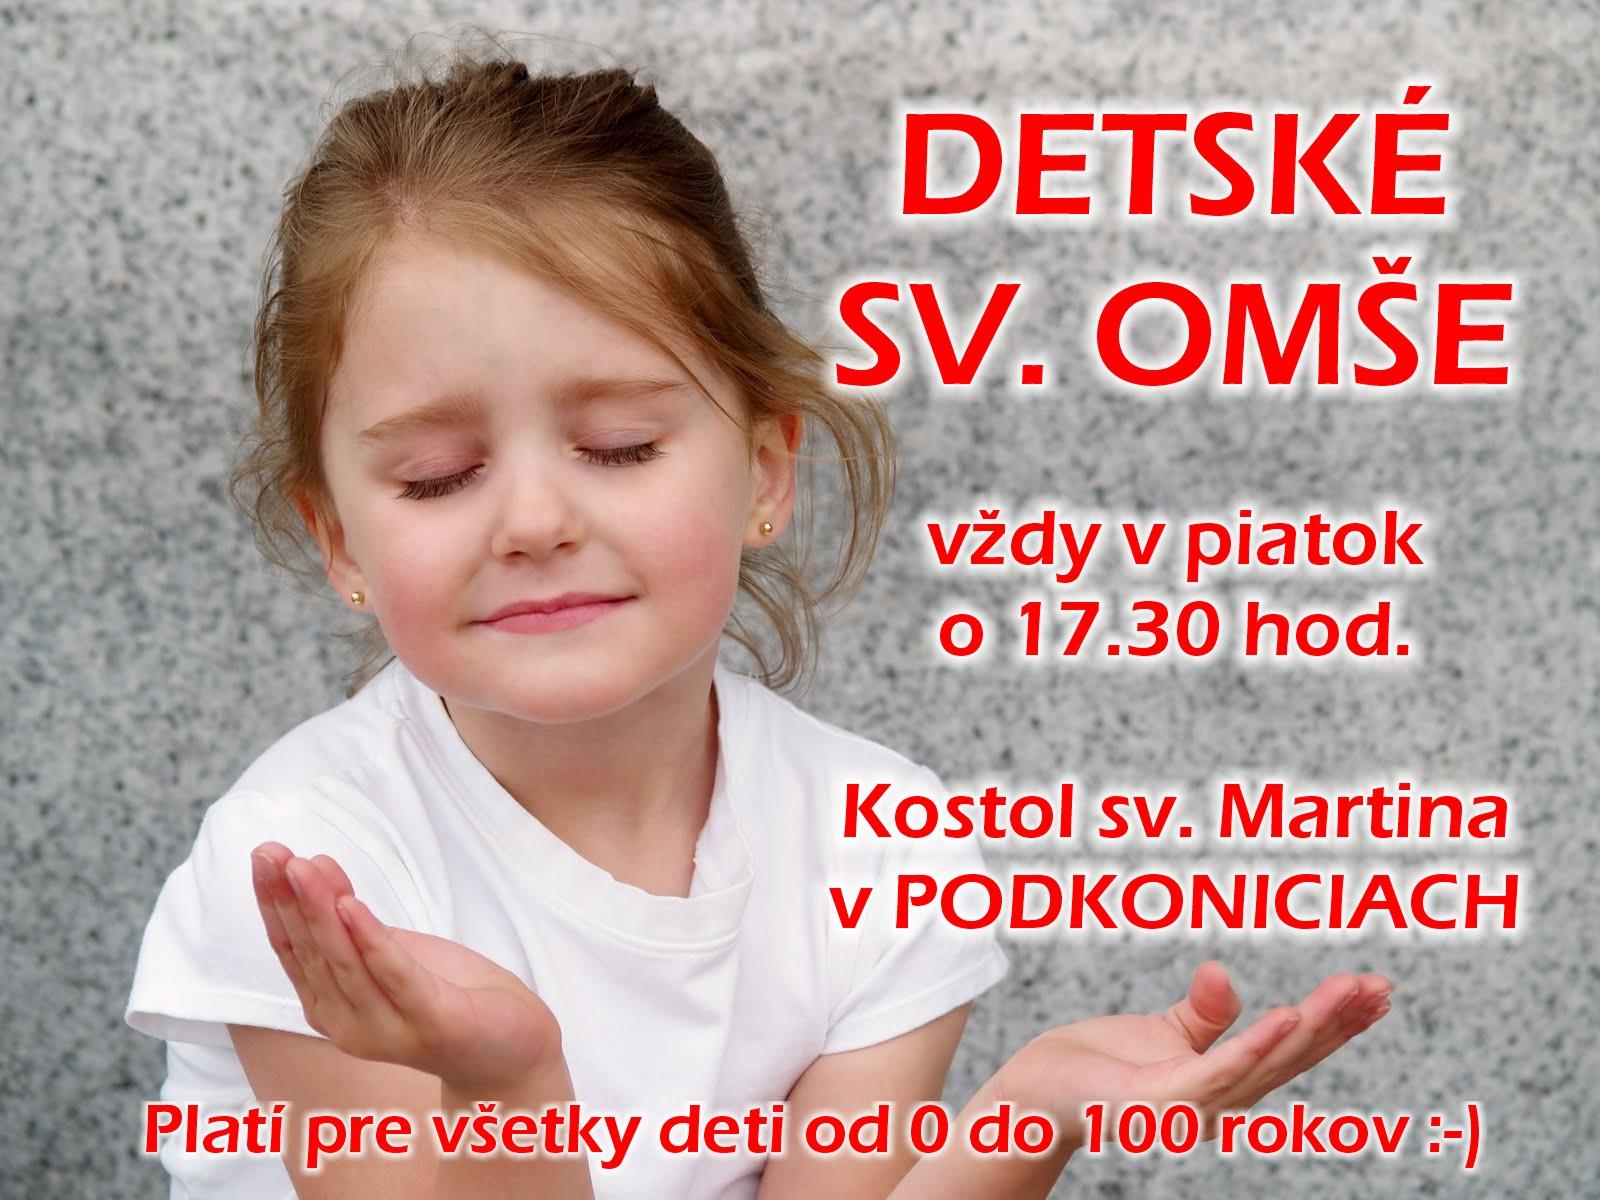 detske_omse2